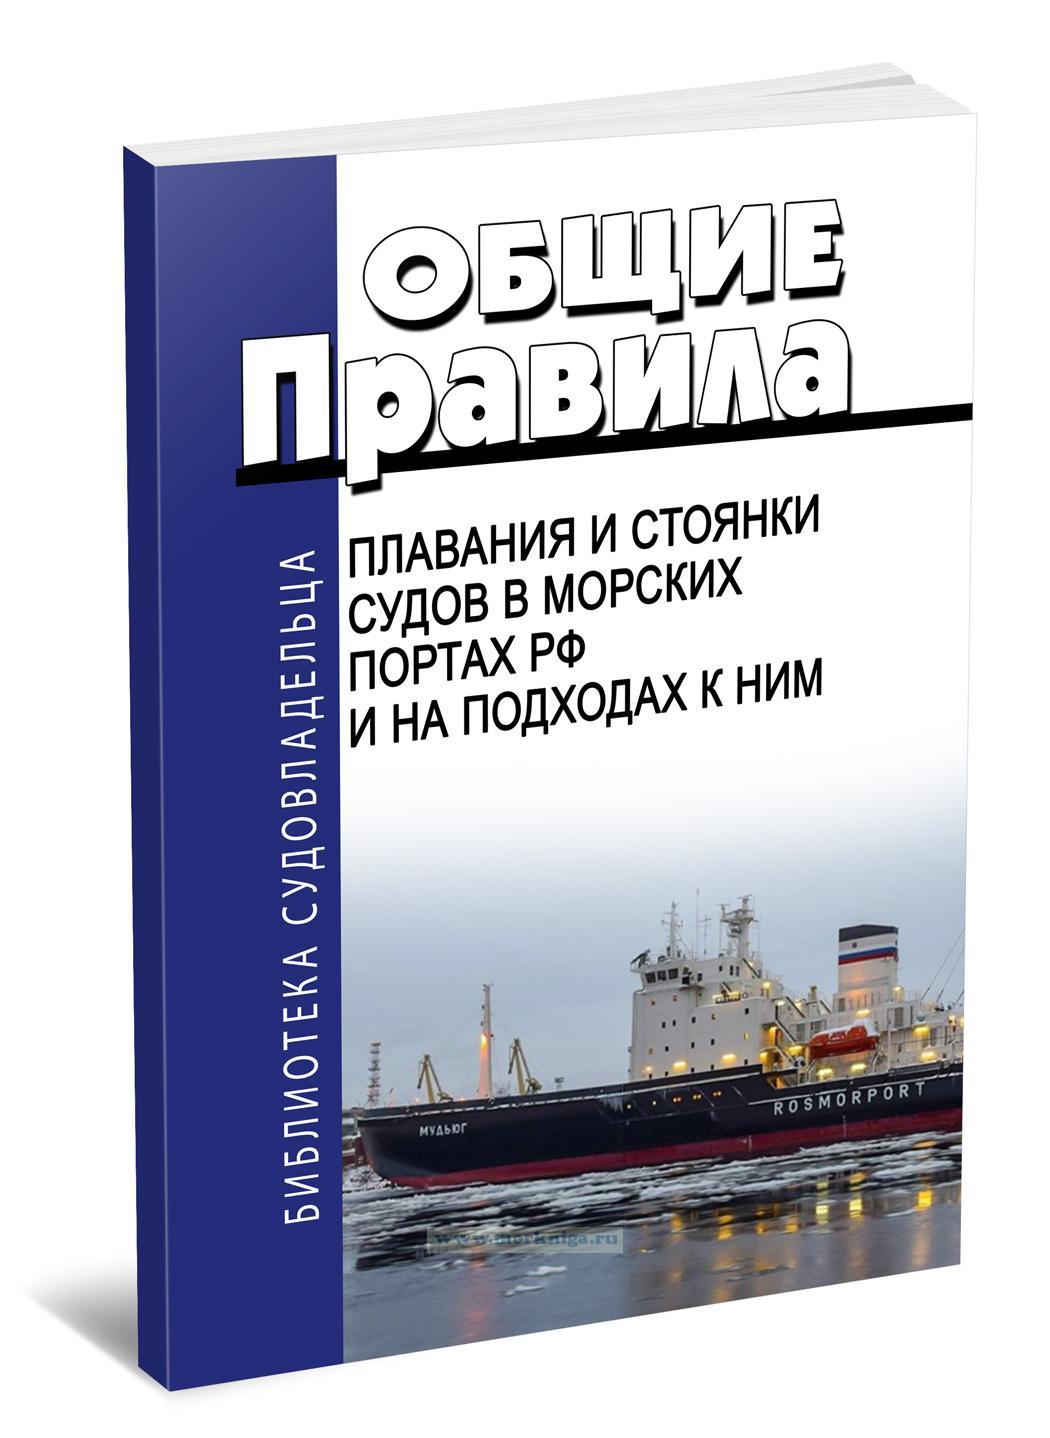 Общие правила плавания и стоянки судов в морских портах РФ и на подходах к ним 2017 год. Последняя редакция